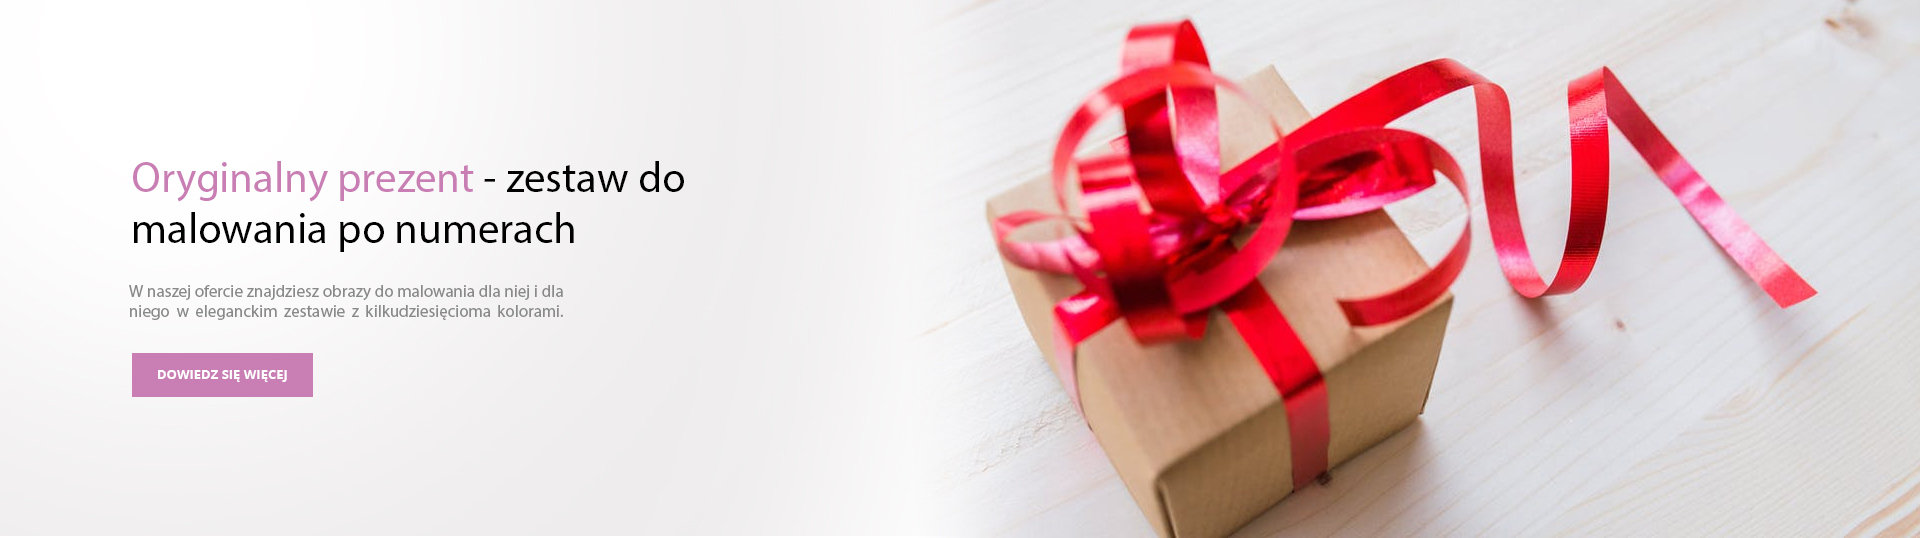 prezent dla dzieci i dorosłych